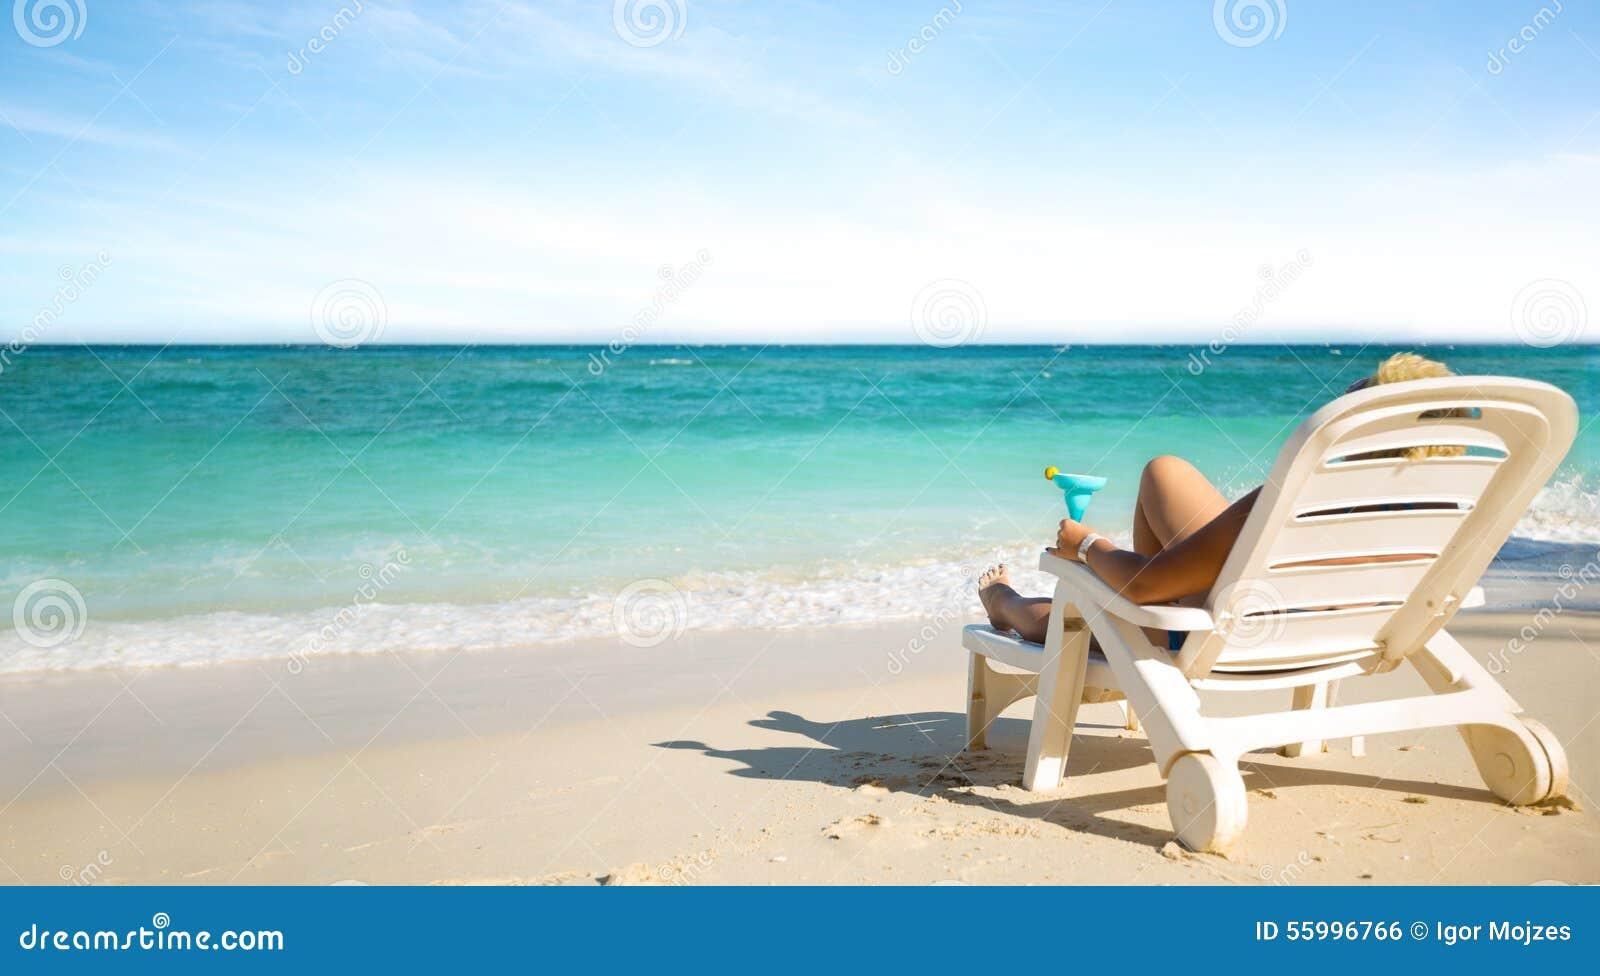 Θηλυκή ηλιοθεραπεία πολυτέλειας στην παραλία